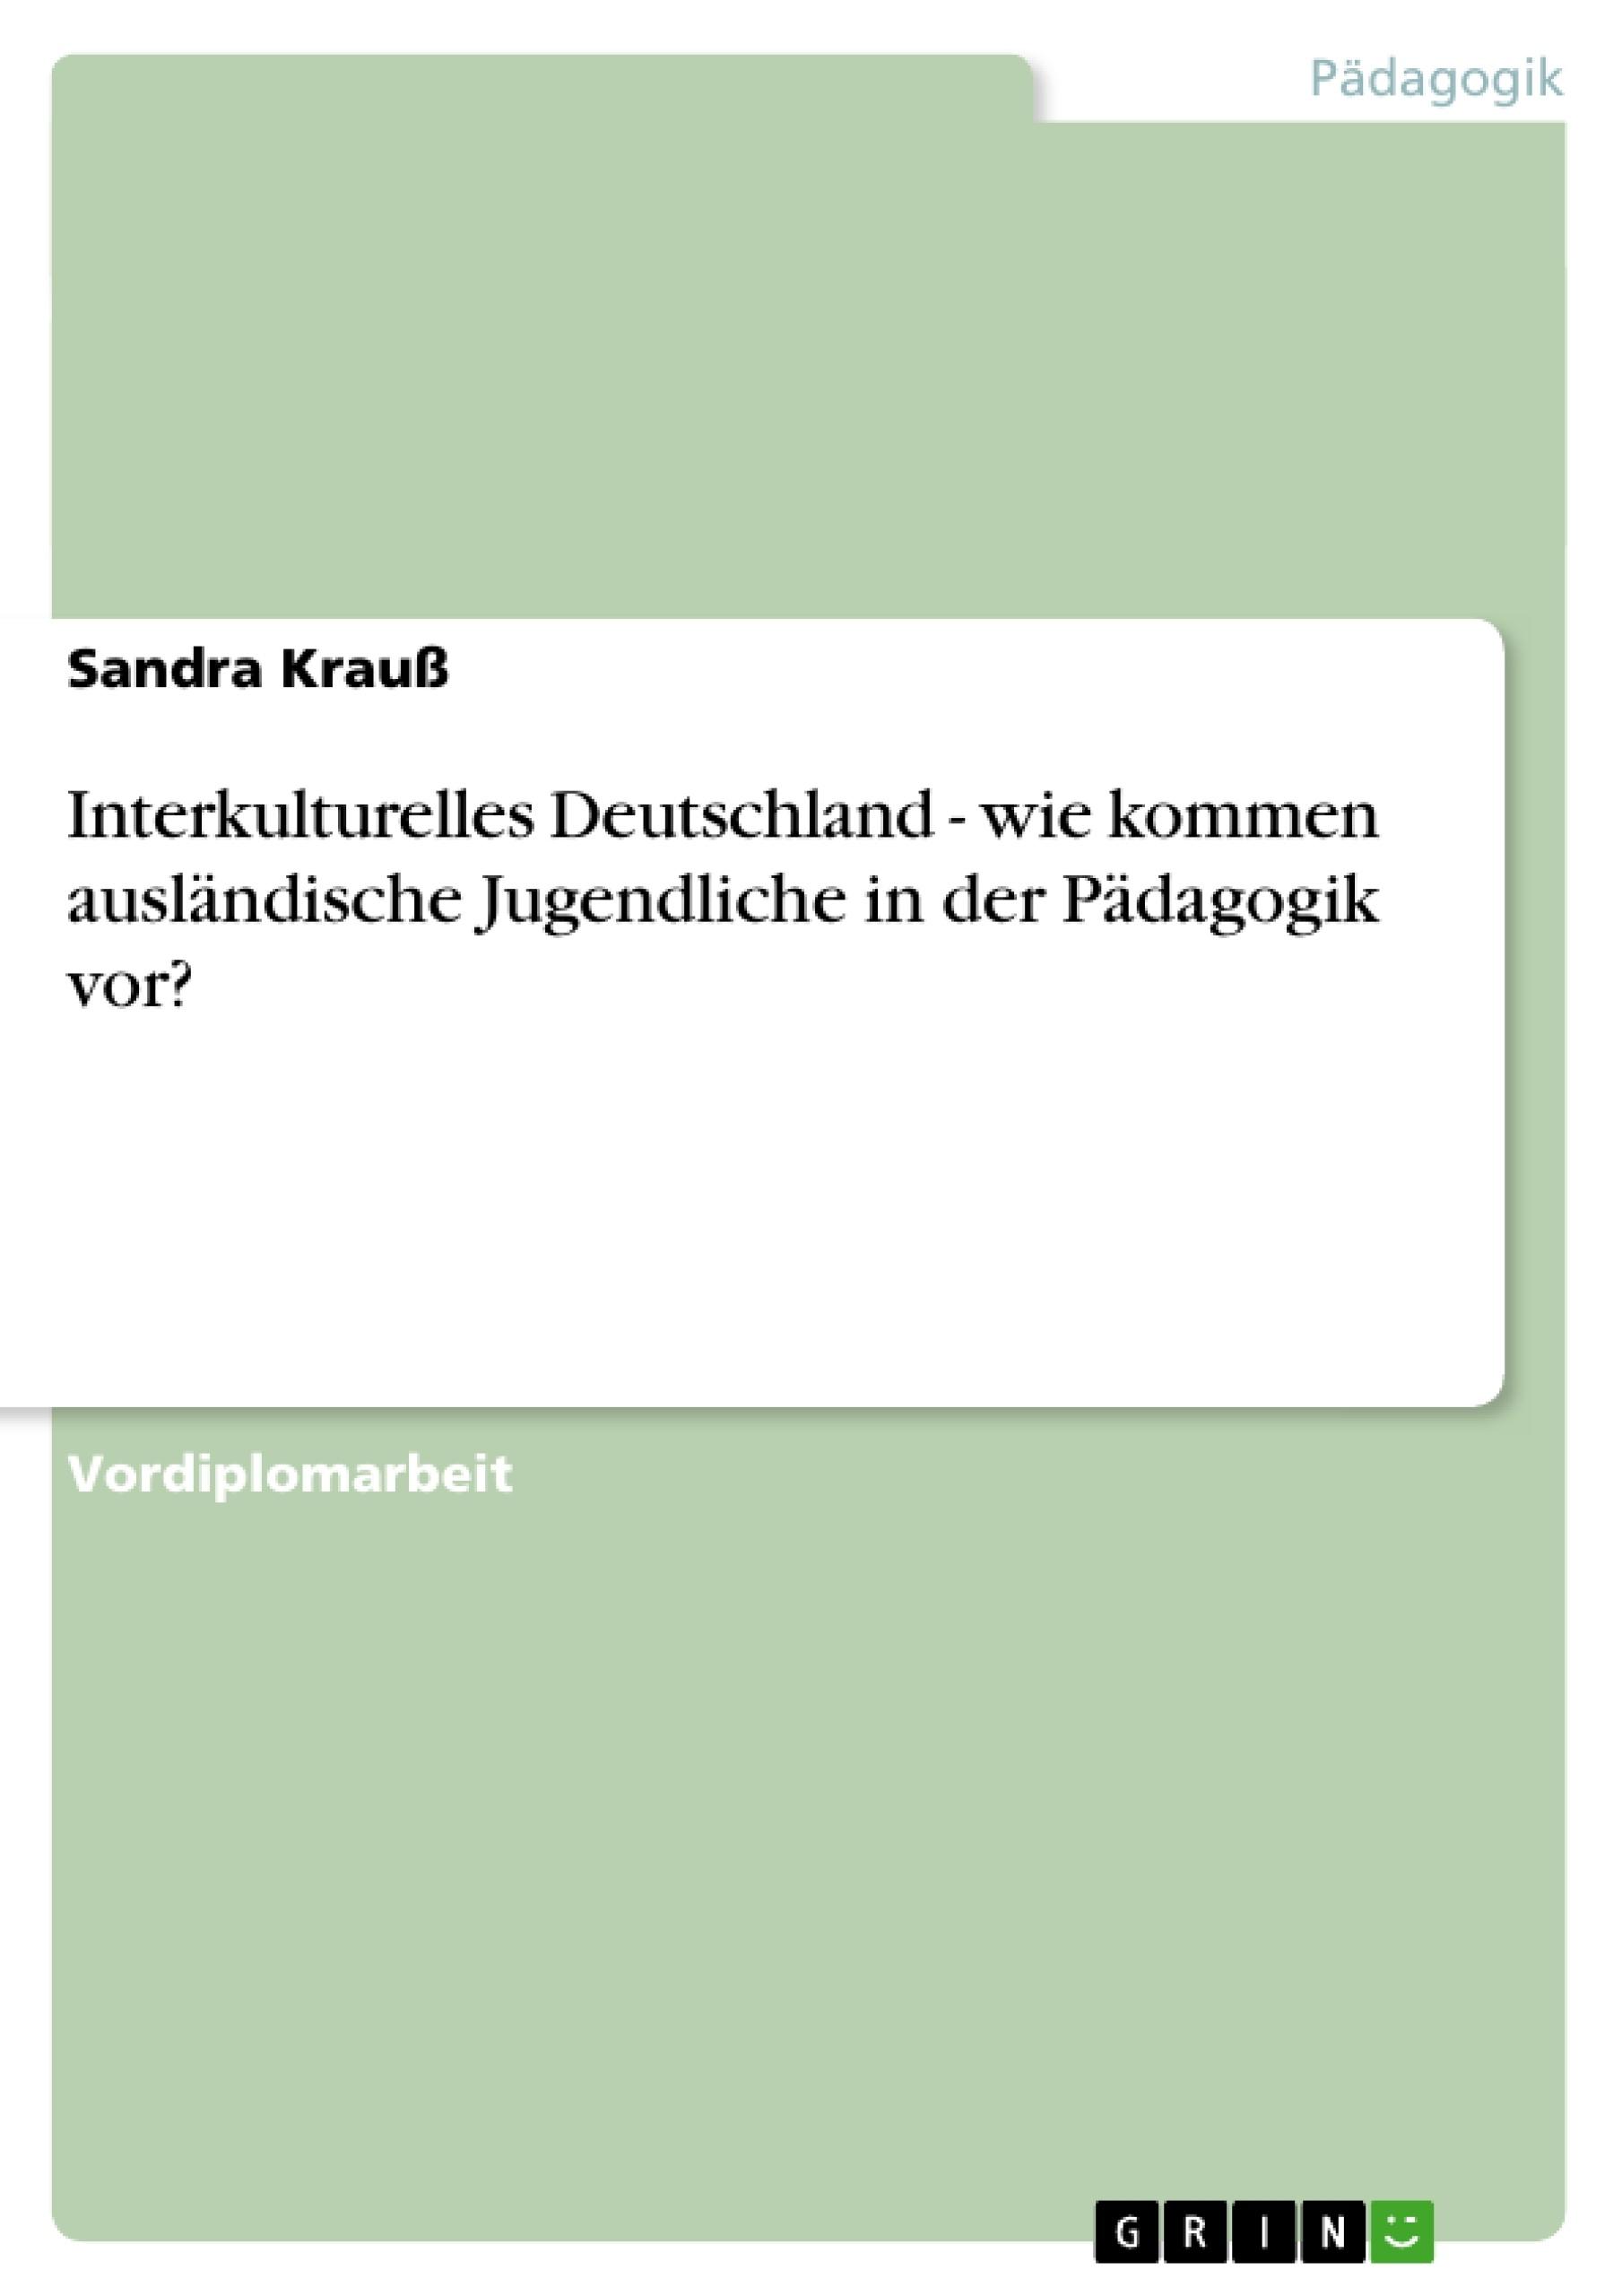 Titel: Interkulturelles Deutschland - wie kommen ausländische Jugendliche in der Pädagogik vor?